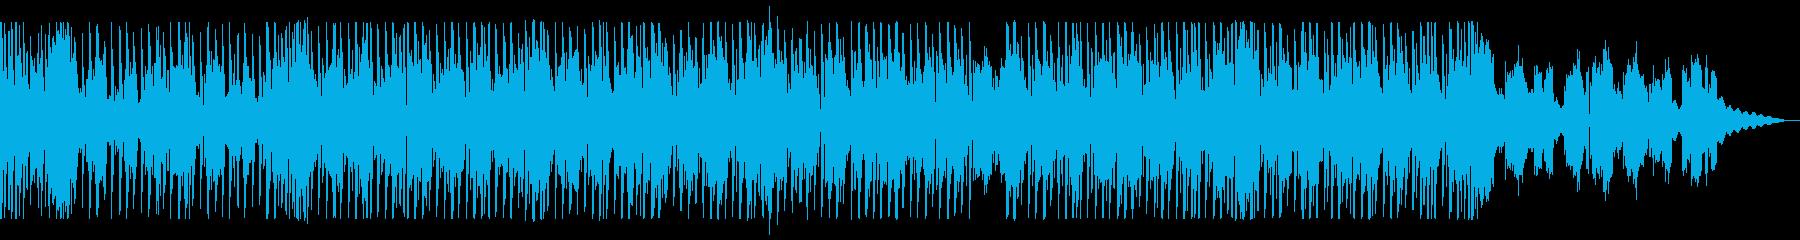 明るいかわいいテクノポップの再生済みの波形